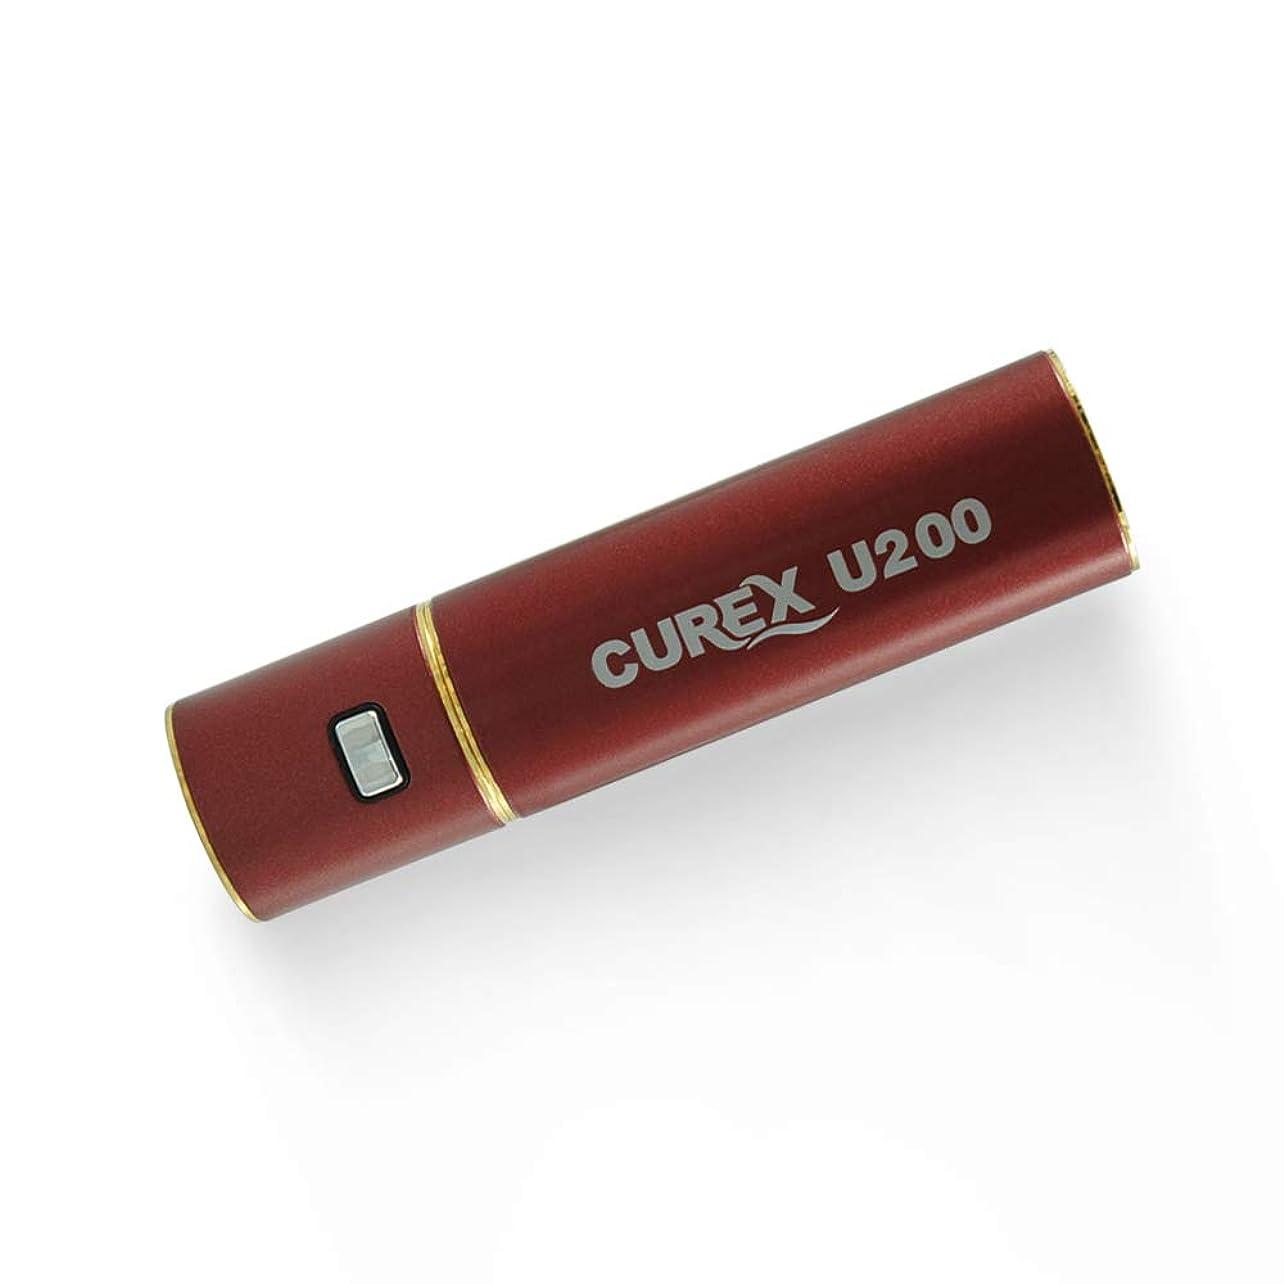 システム三バルーンLEDネイルドライヤー UVライト ネイルライト Risen 高速硬化 携帯便利 電池式 初心者でも出来る 6ヶ月保証 日本語説明書付属 (レッド)